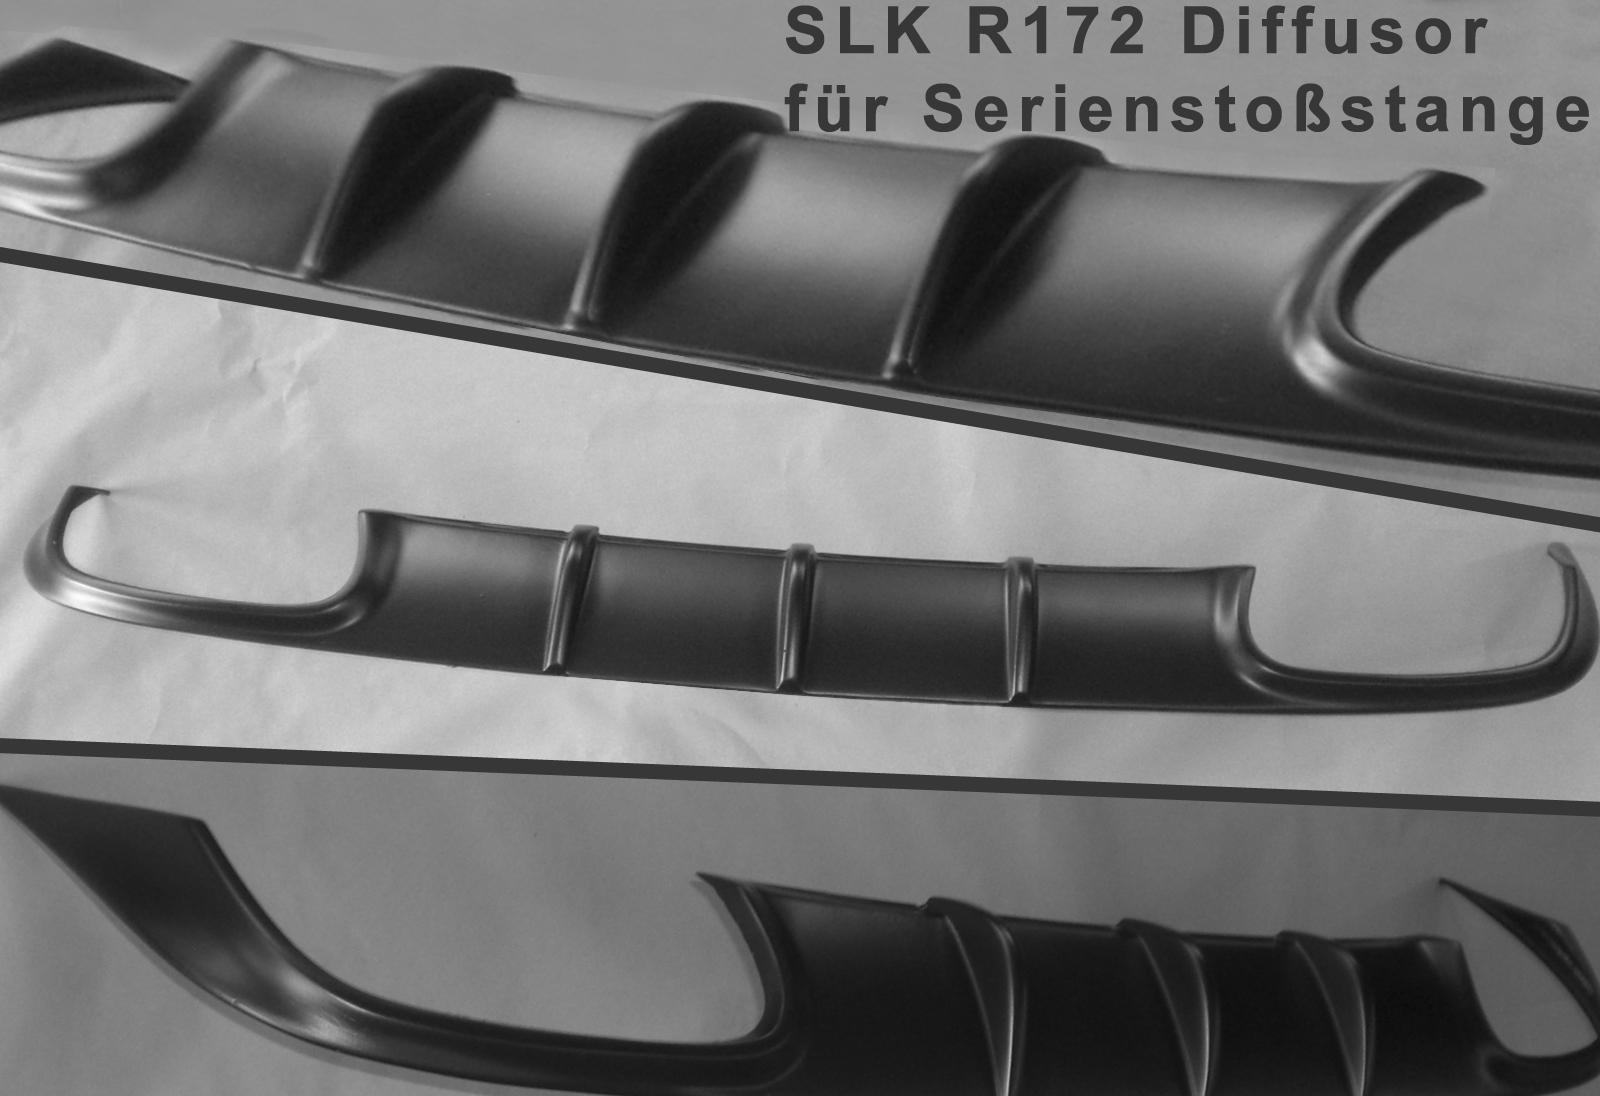 Diffusor Dynamik für Sportauspuff SLK R172